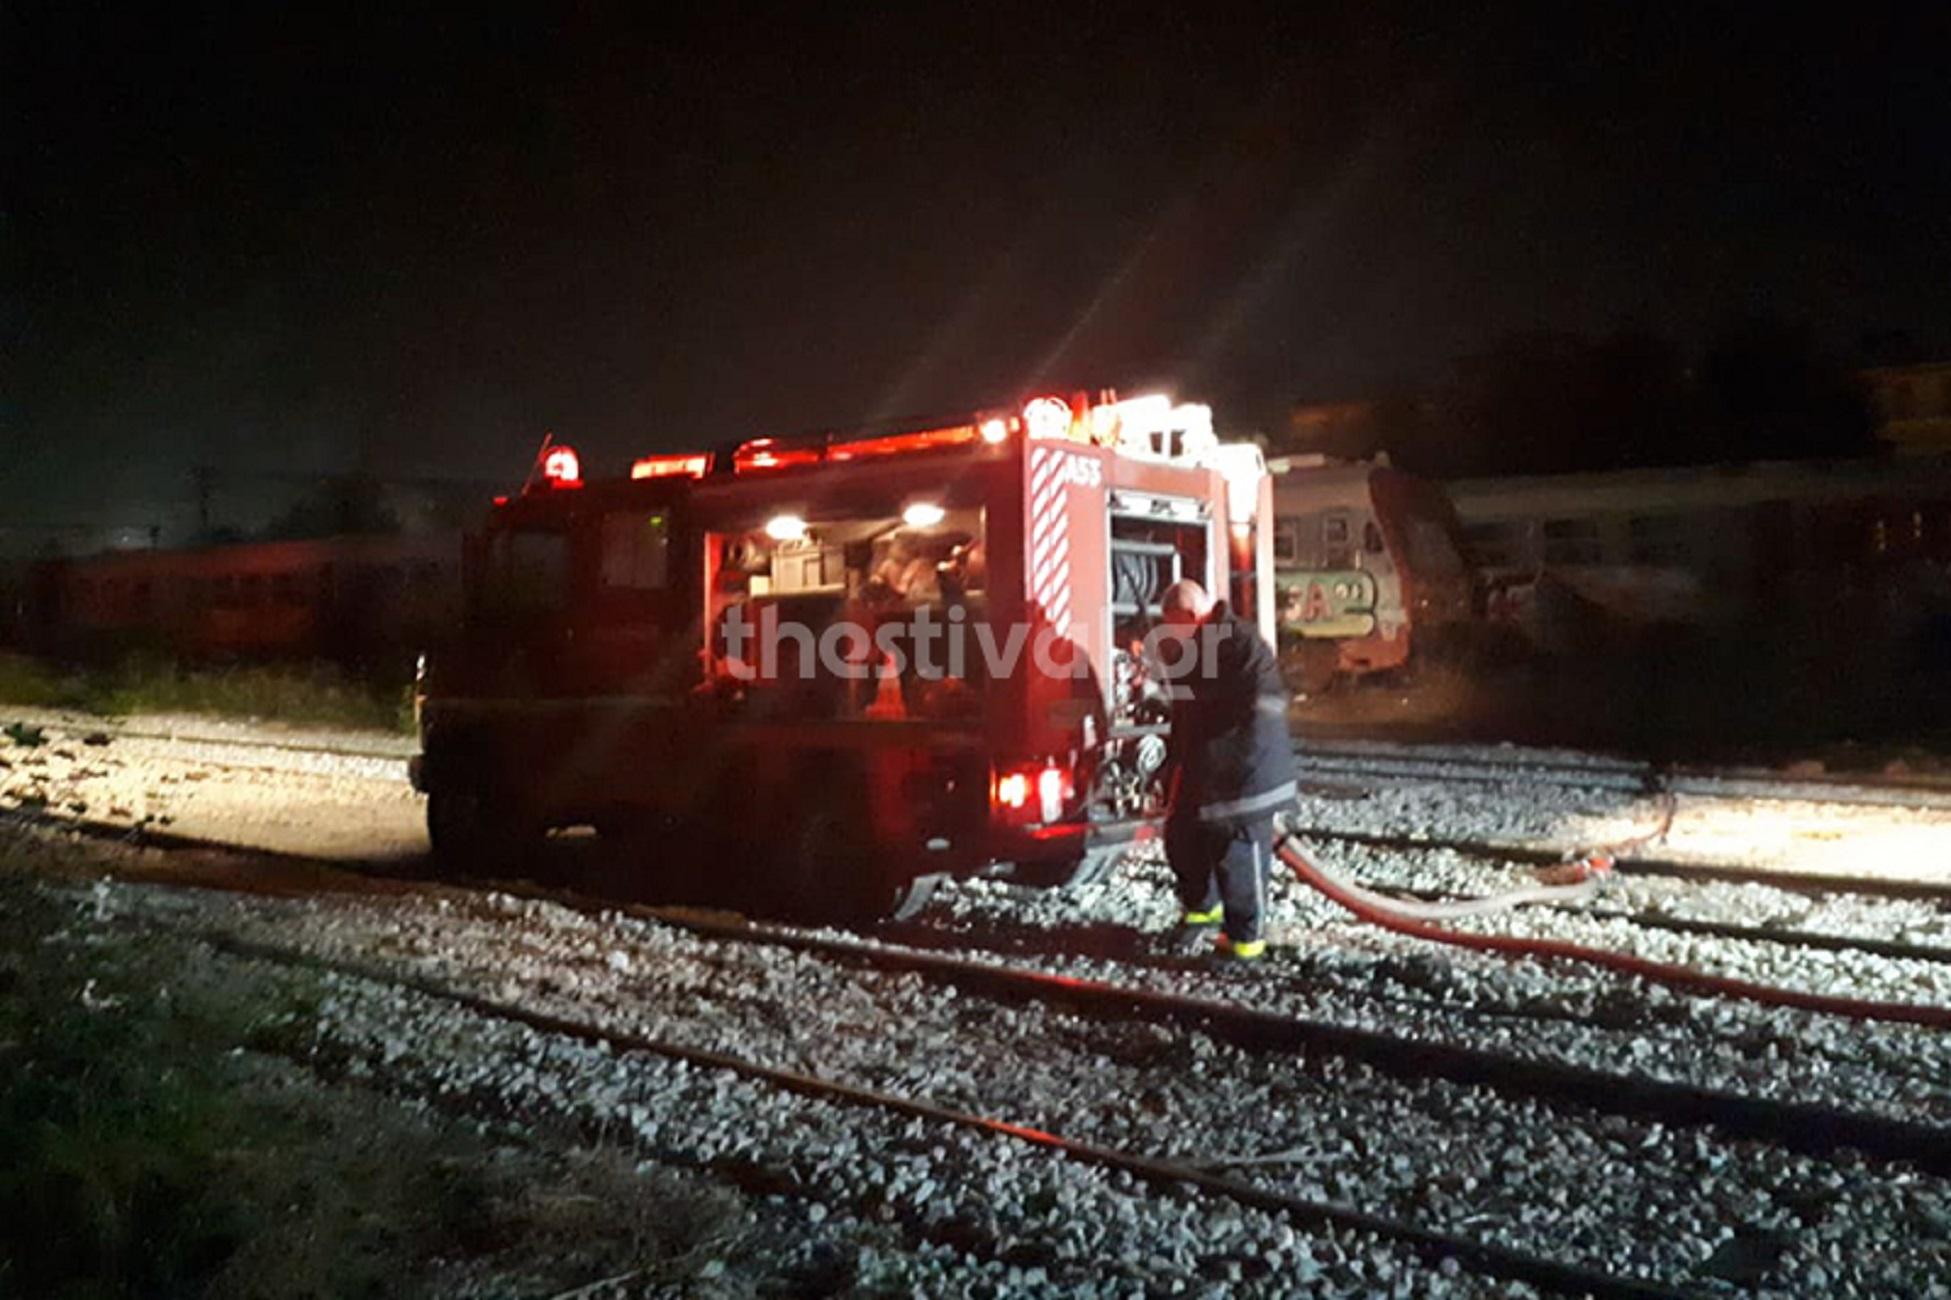 Θεσσαλονίκη : Φωτιά σε παροπλισμένο βαγόνι του ΟΣΕ που διέμεναν πρόσφυγες